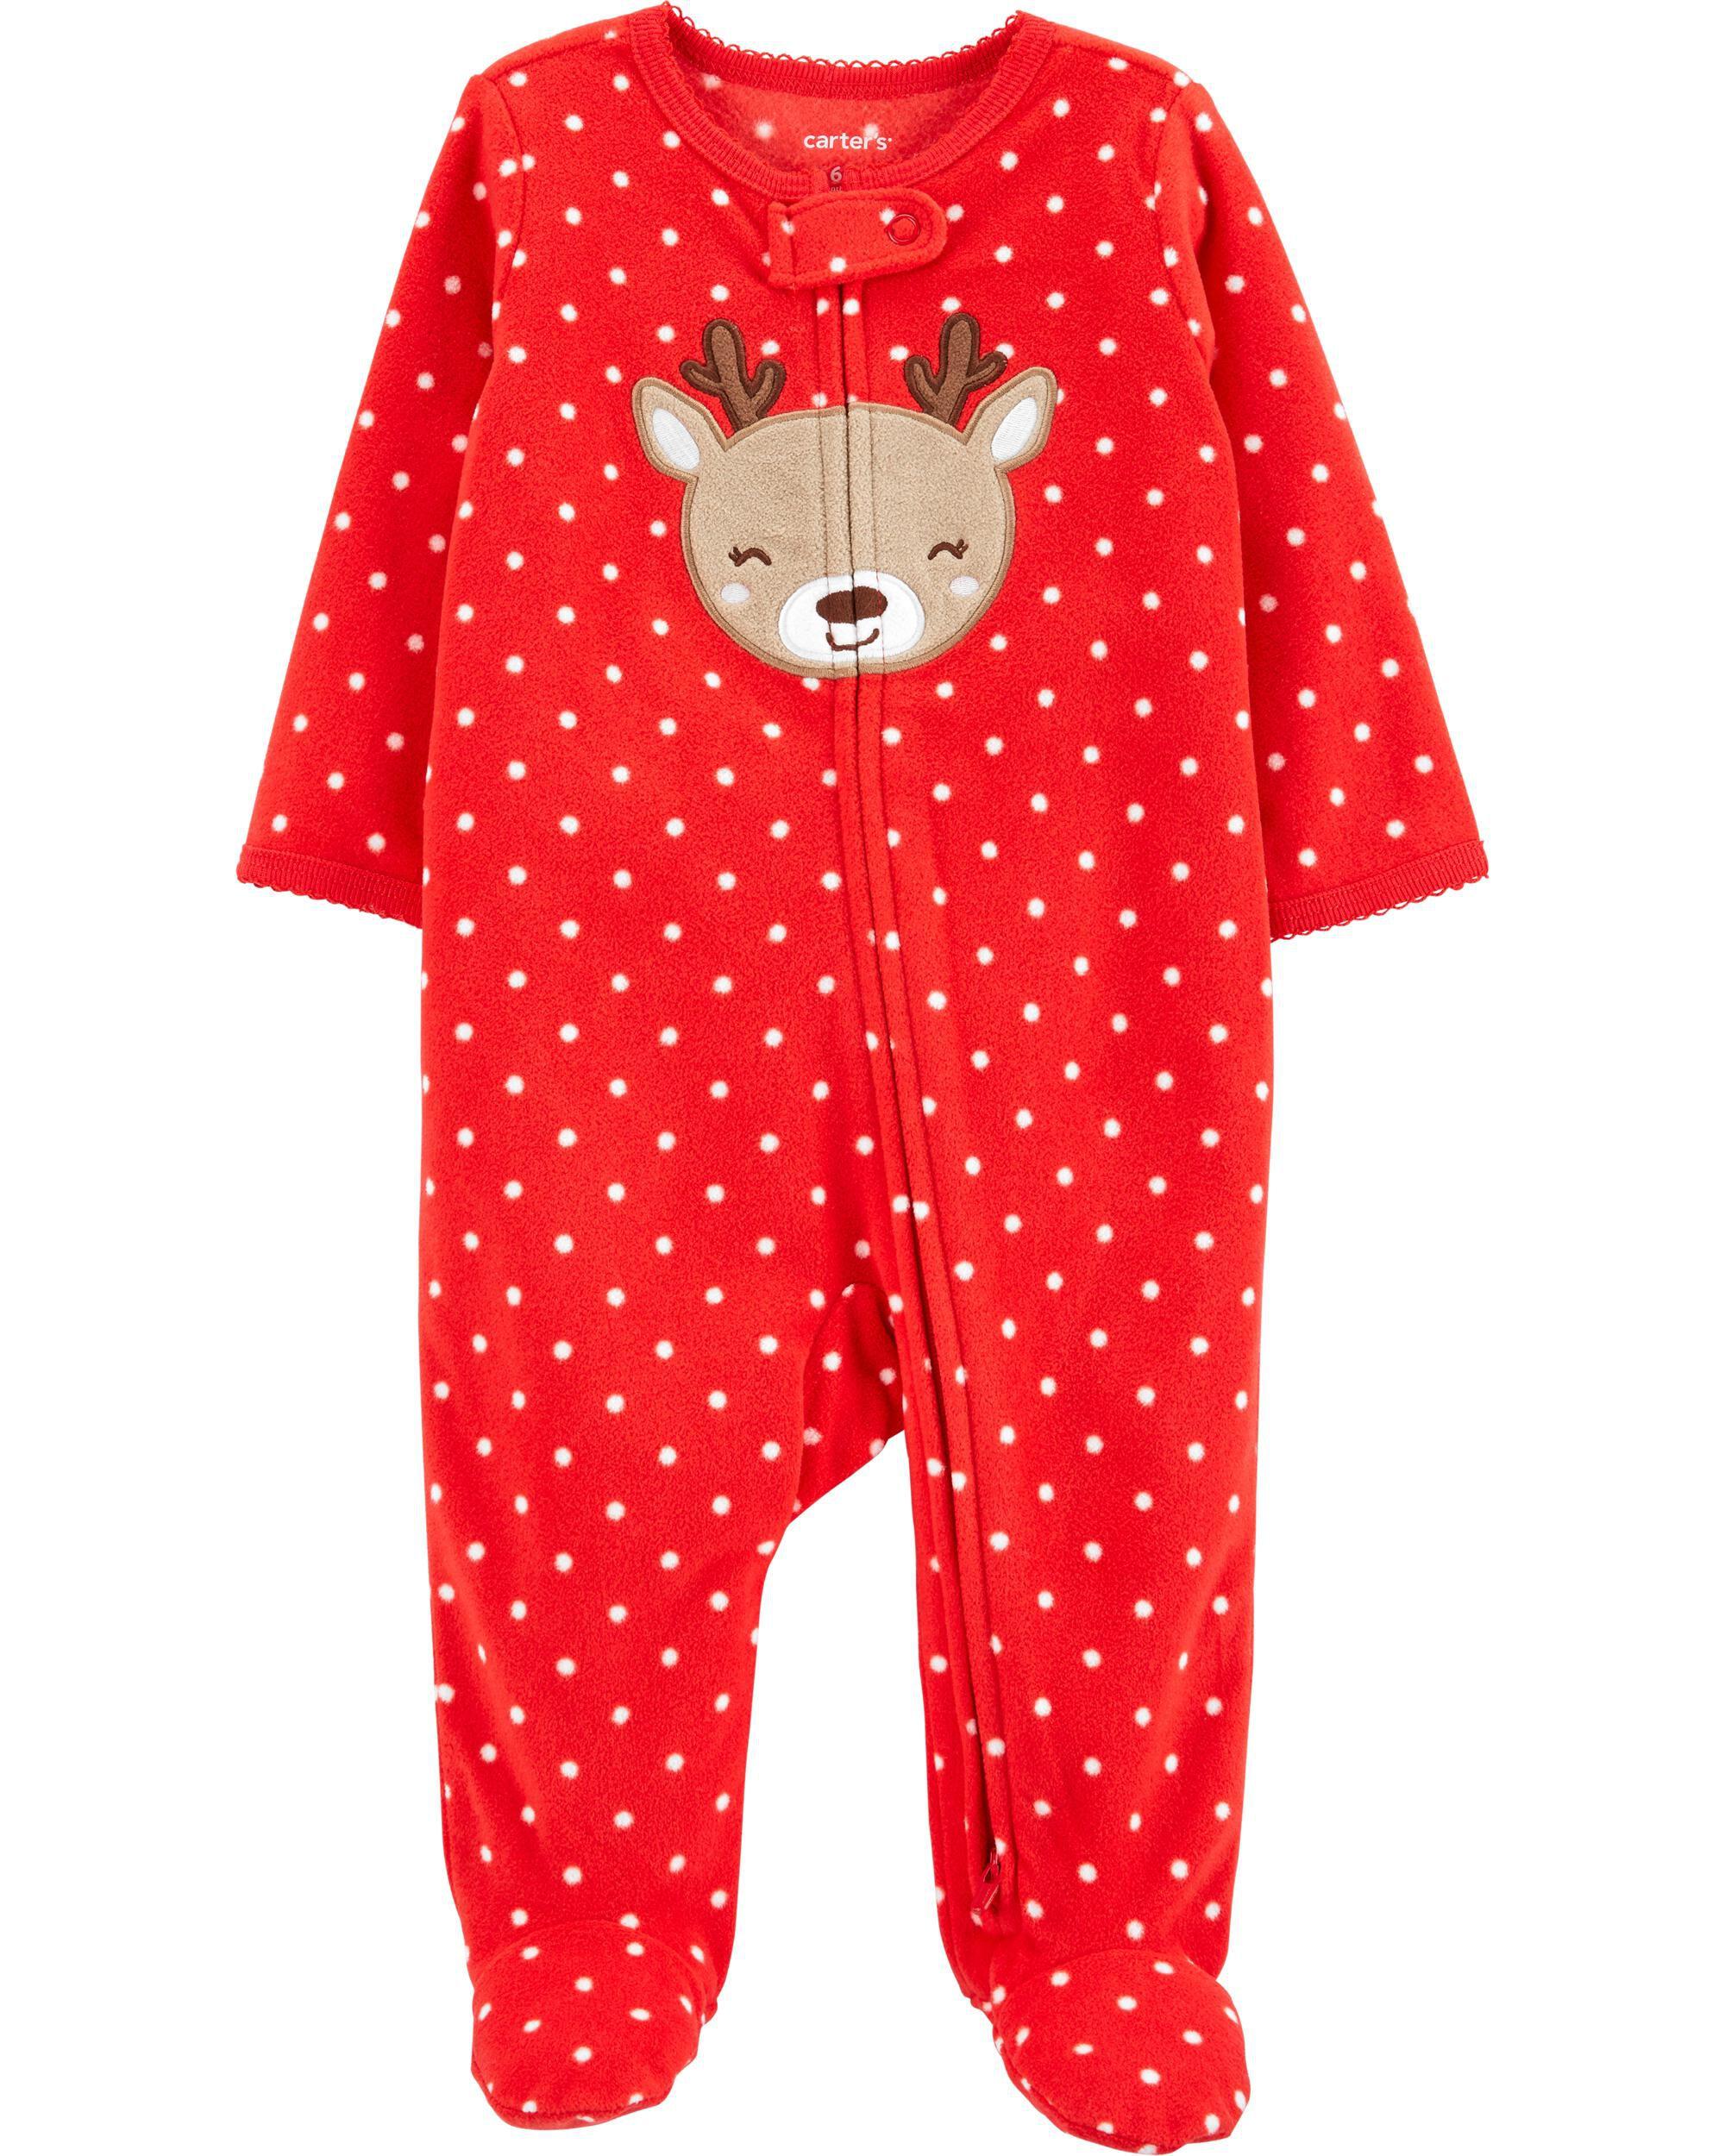 Christmas Zip-Up Fleece Sleep & Play